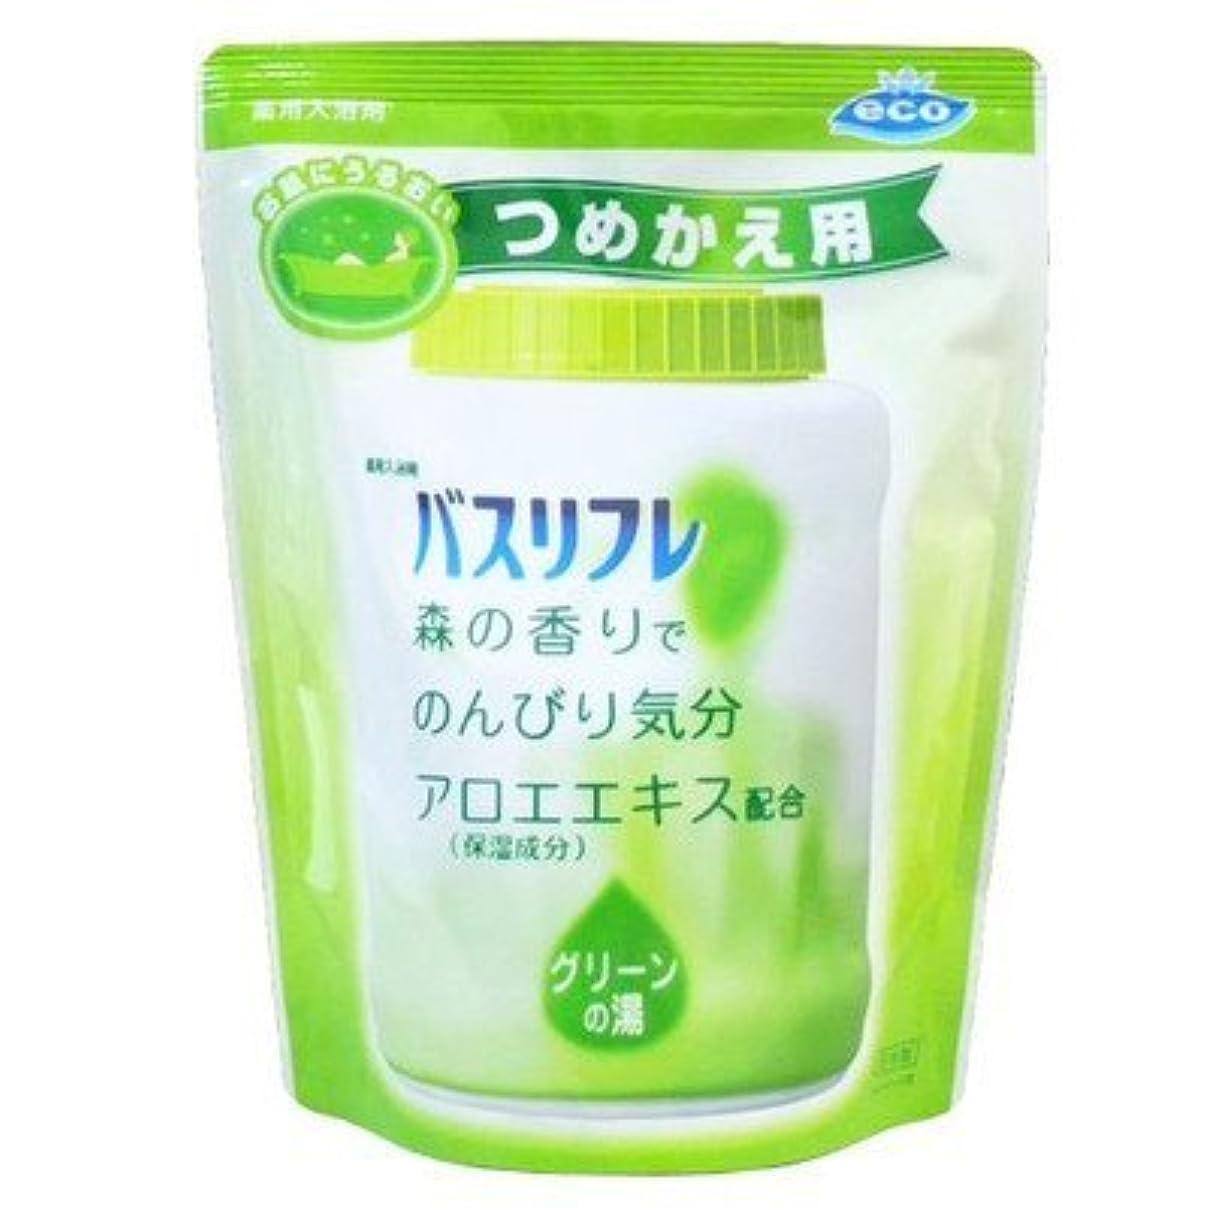 サイレントテーブルを設定する霜薬用入浴剤 バスリフレ グリーンの湯 つめかえ用 540g 森の香り (ライオンケミカル) Japan